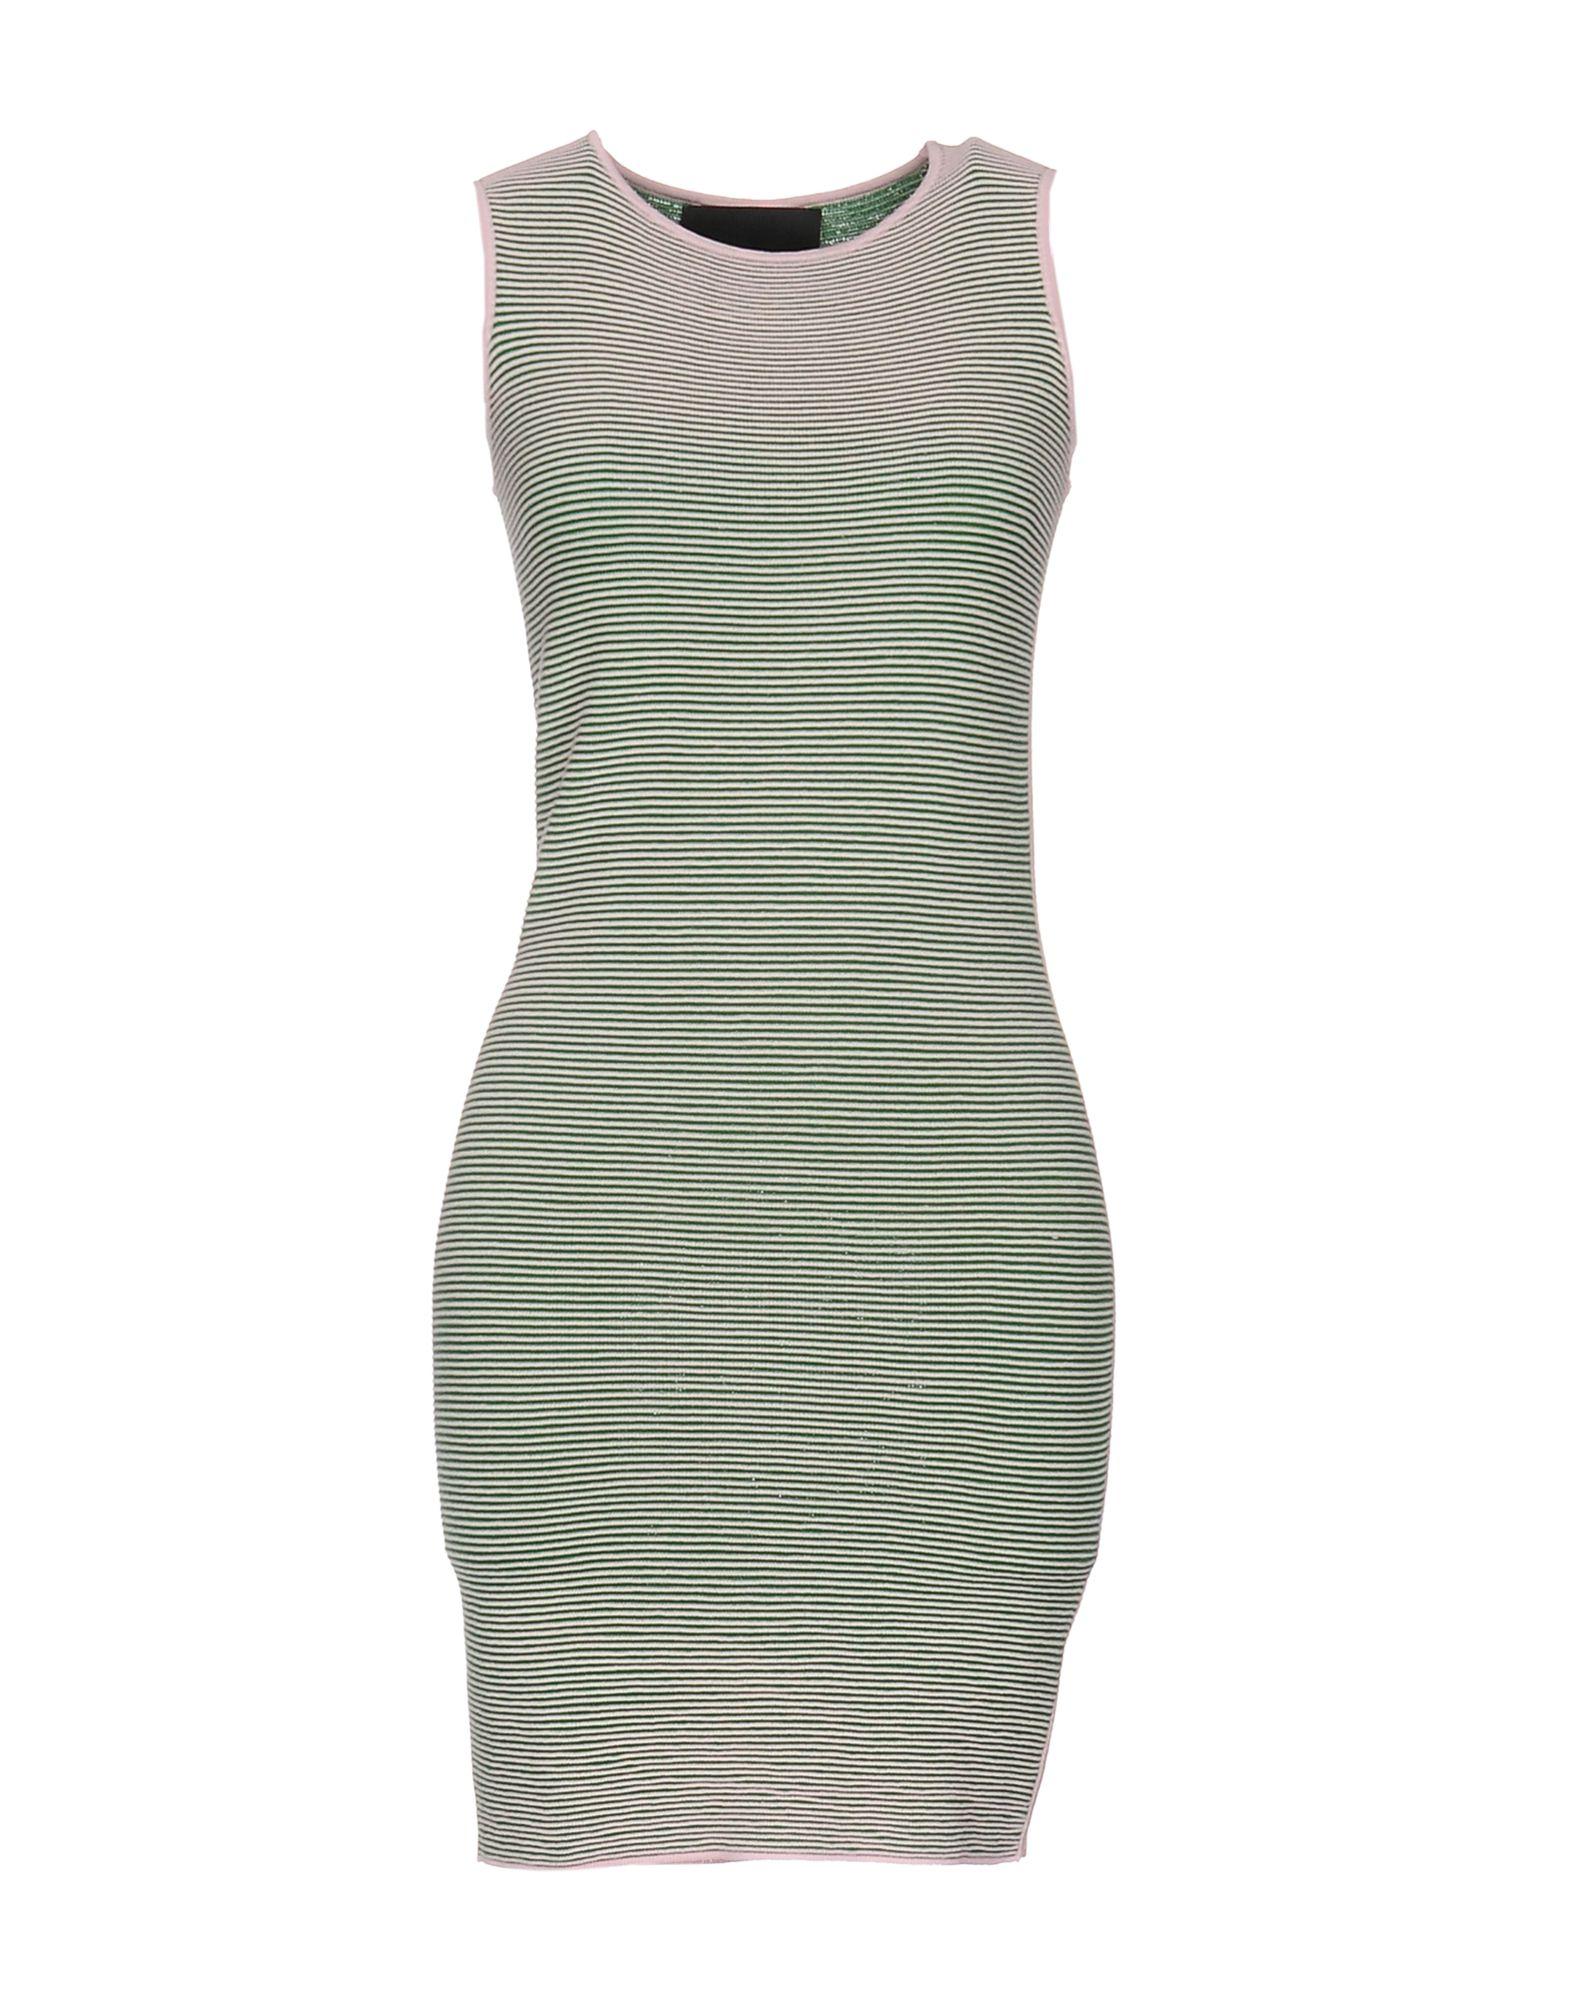 Γυναικεία Κοντά Φορέματα - Σελίδα 14  4e9f9a5a46f